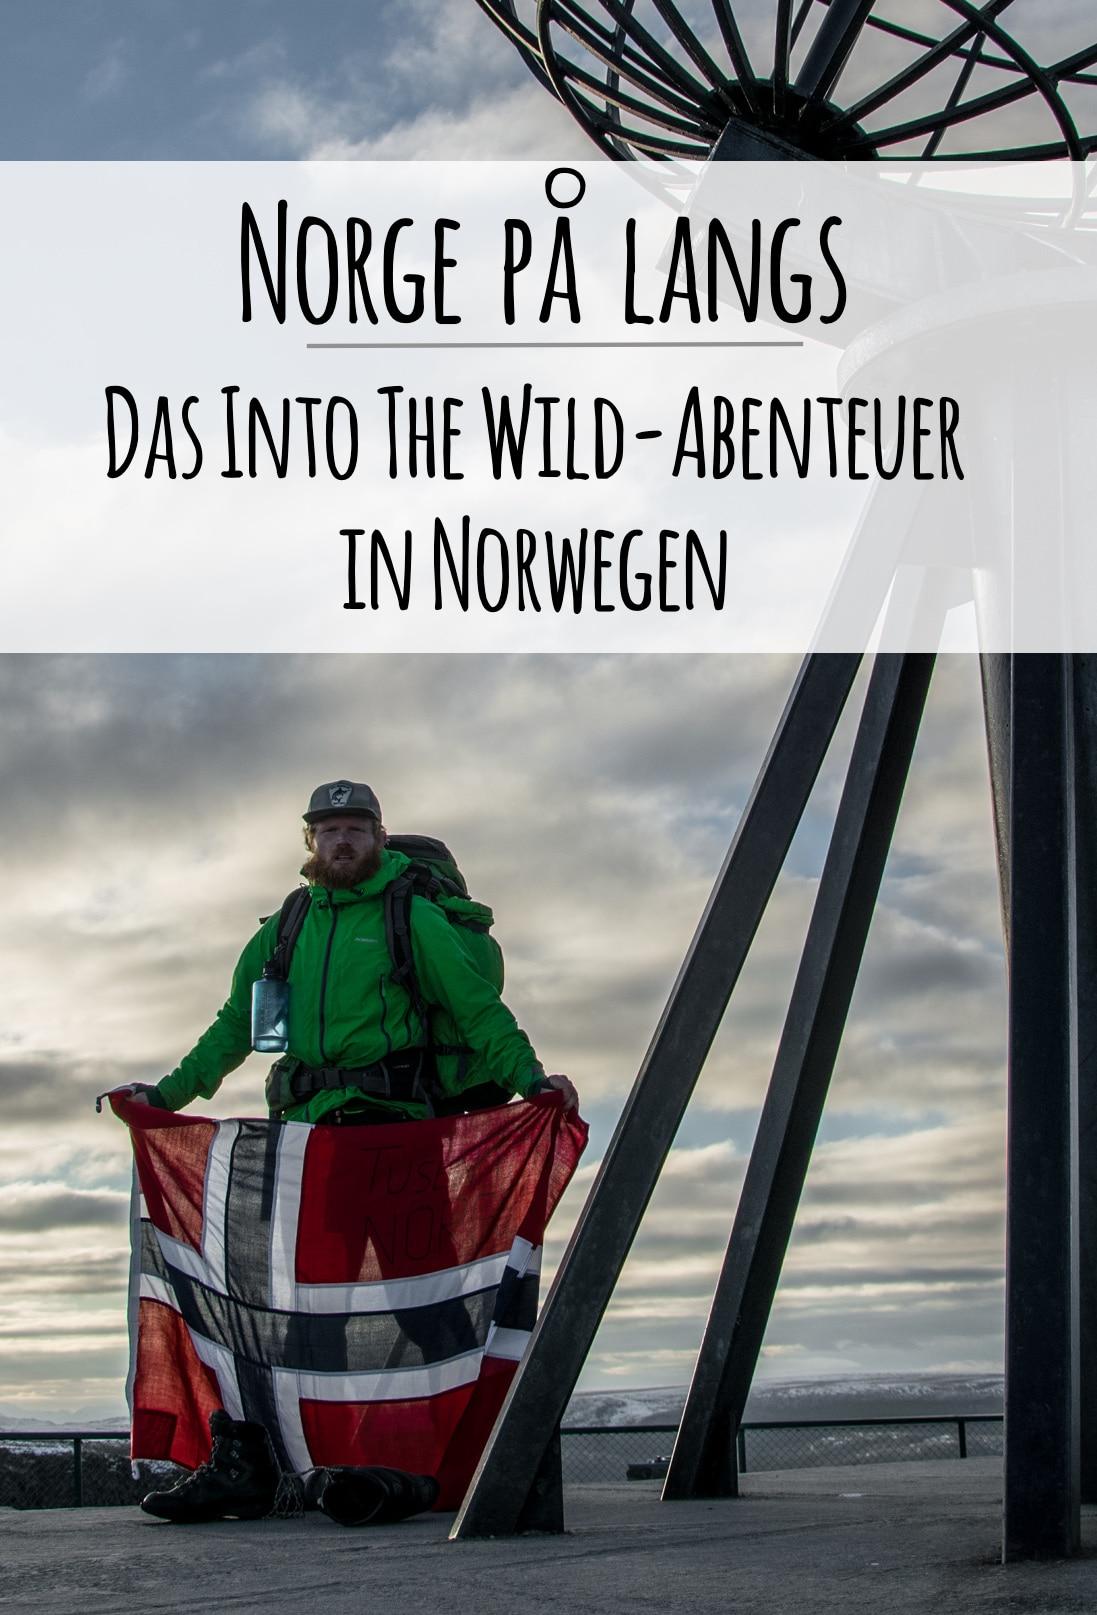 Tony ist Norwegen der Länge nach gewandert, knapp 3.000 Kilometer ging es durch Schnee und Wildnis. Von seinem Into The Wild Abenteuer auf dem Norge pa langs erzählt er im PASSENGER X Interview.